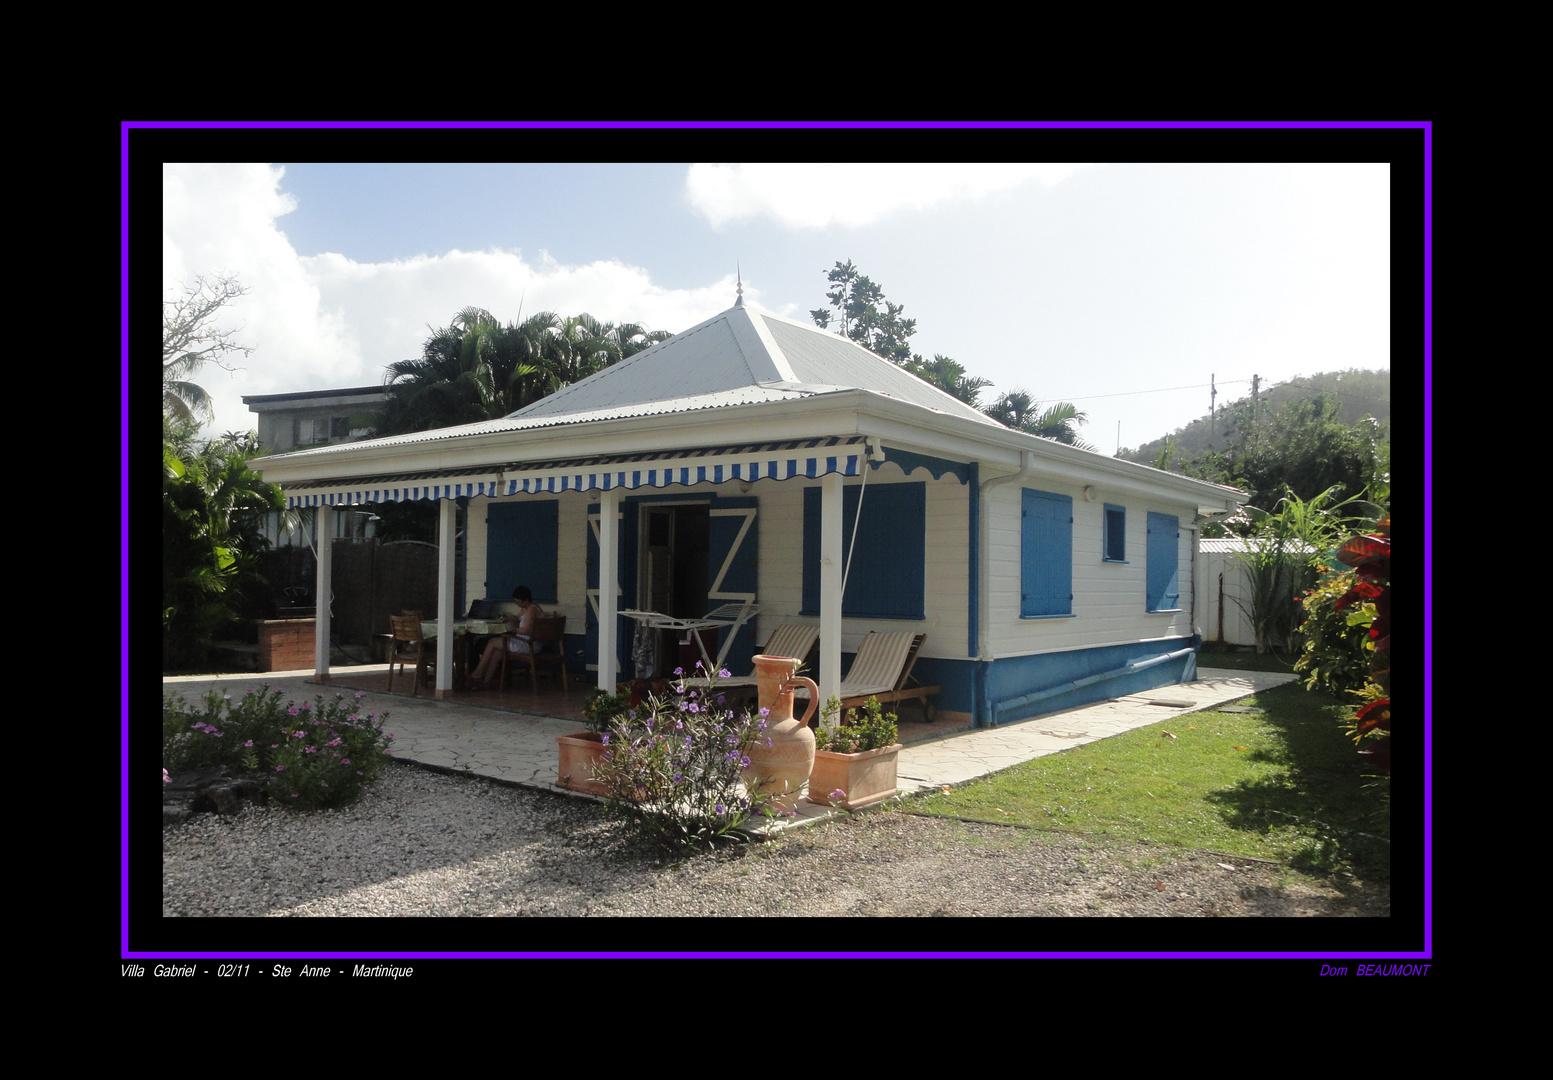 Villa Gabriel - Ste Anne - 02/11 - Martinique